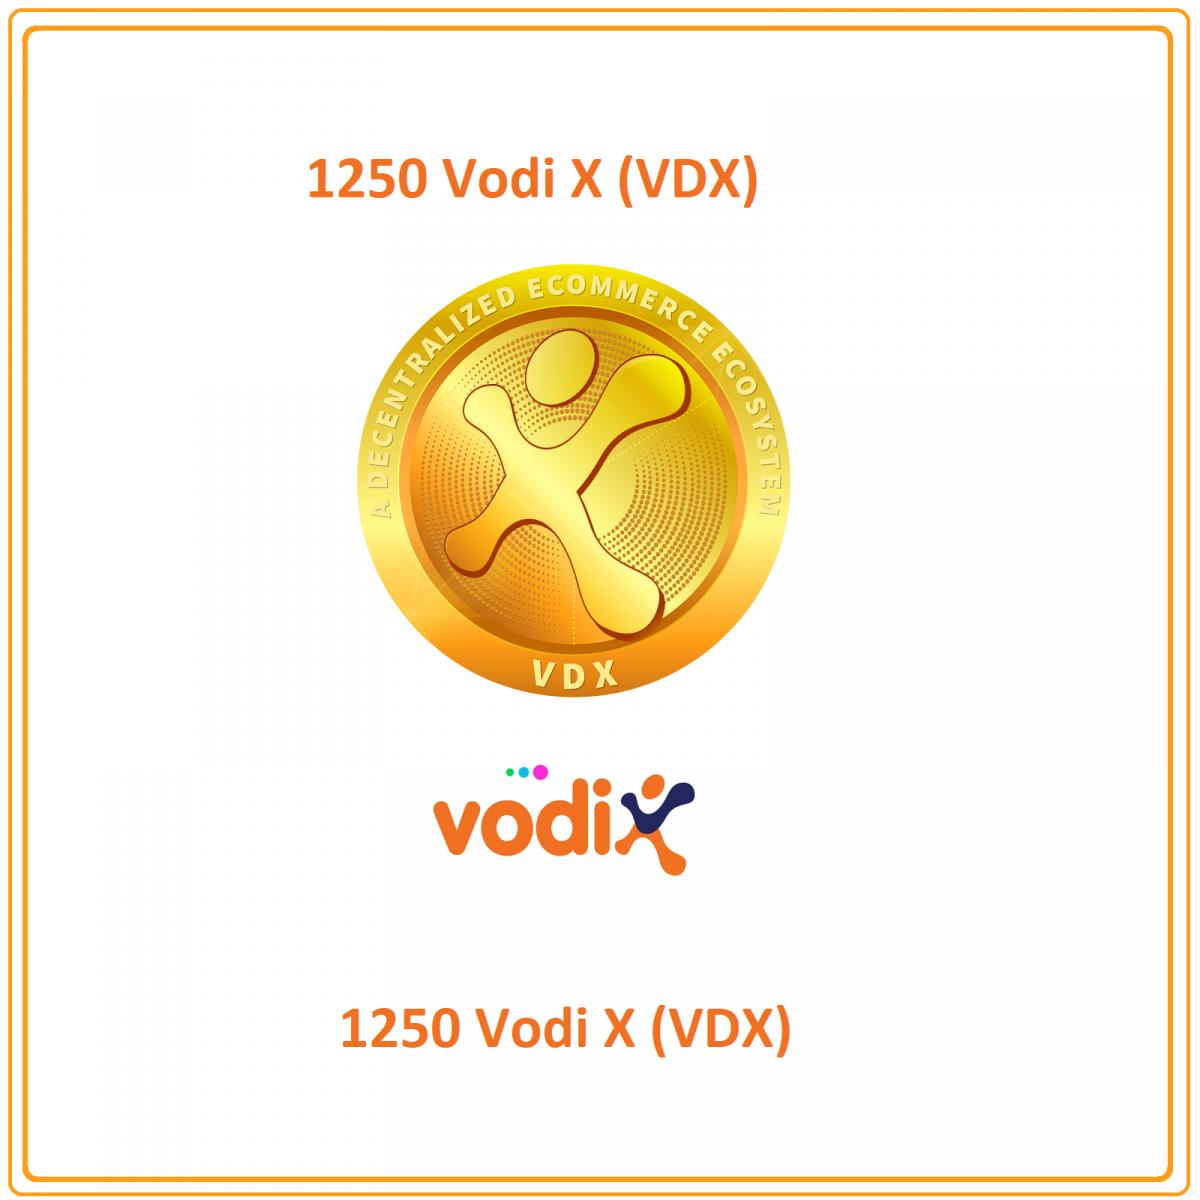 1250 Vodi X (VDX) Mining Contract